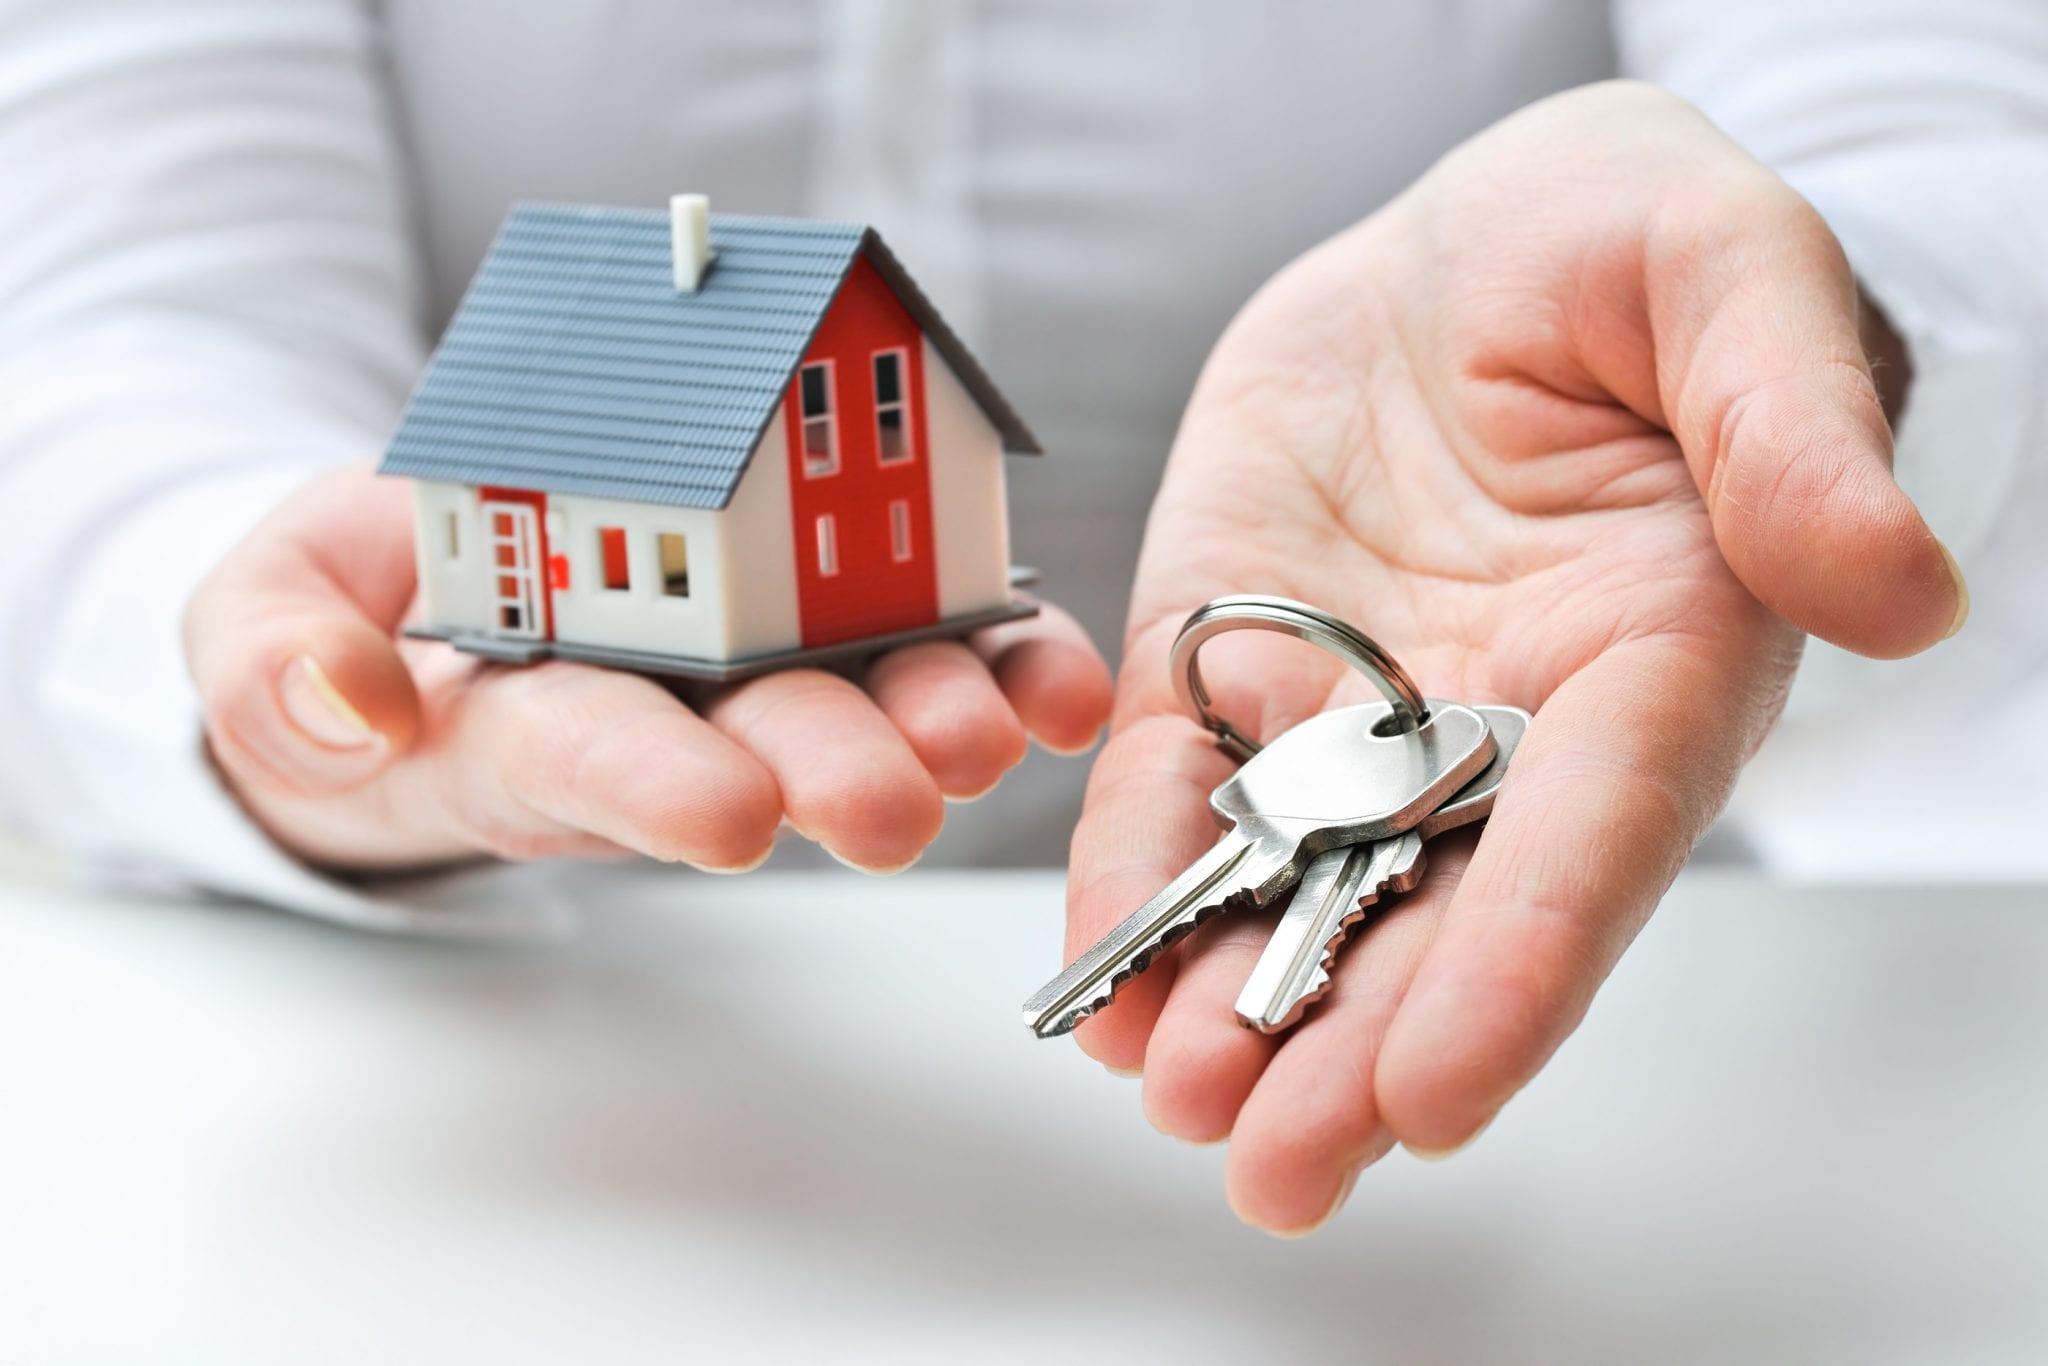 llaves en una mano y una casa